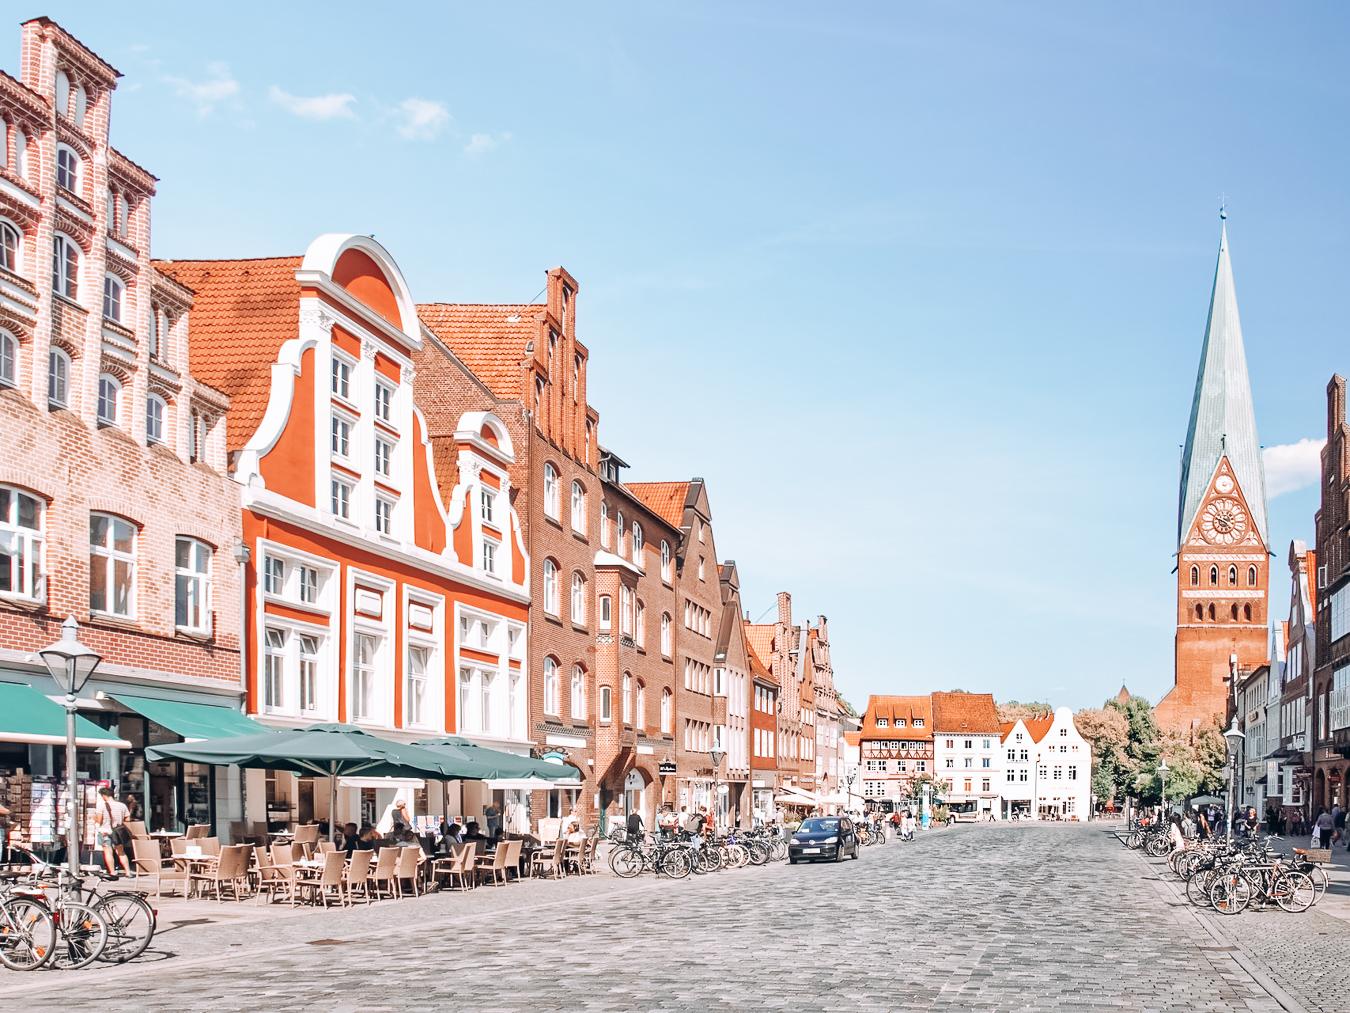 Buildings in Lüneburg, Germany